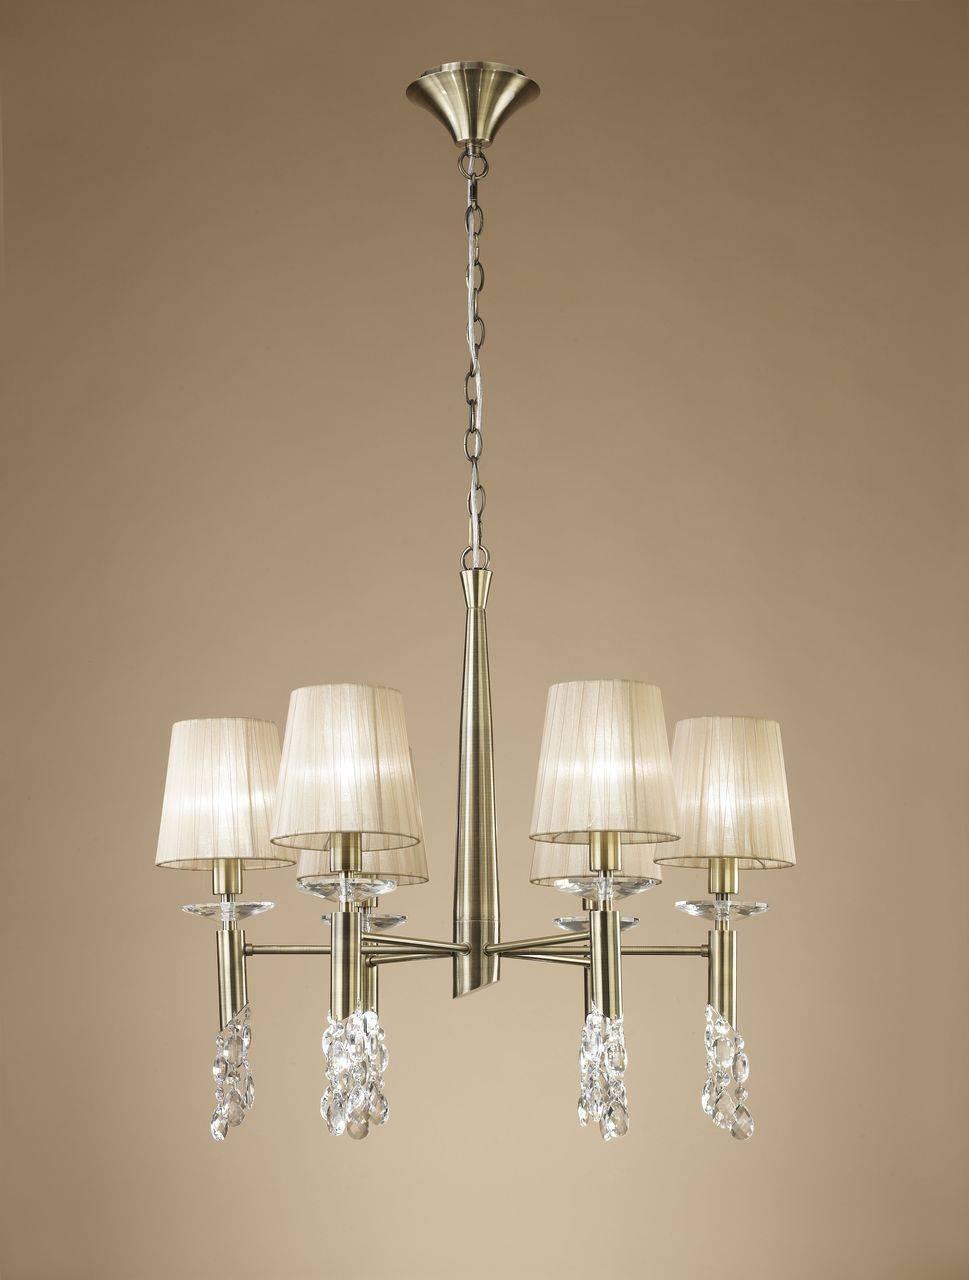 Подвесной светильник Mantra, E14, 156 Вт mantra подвесной светильник mantra crystal bronze 4616